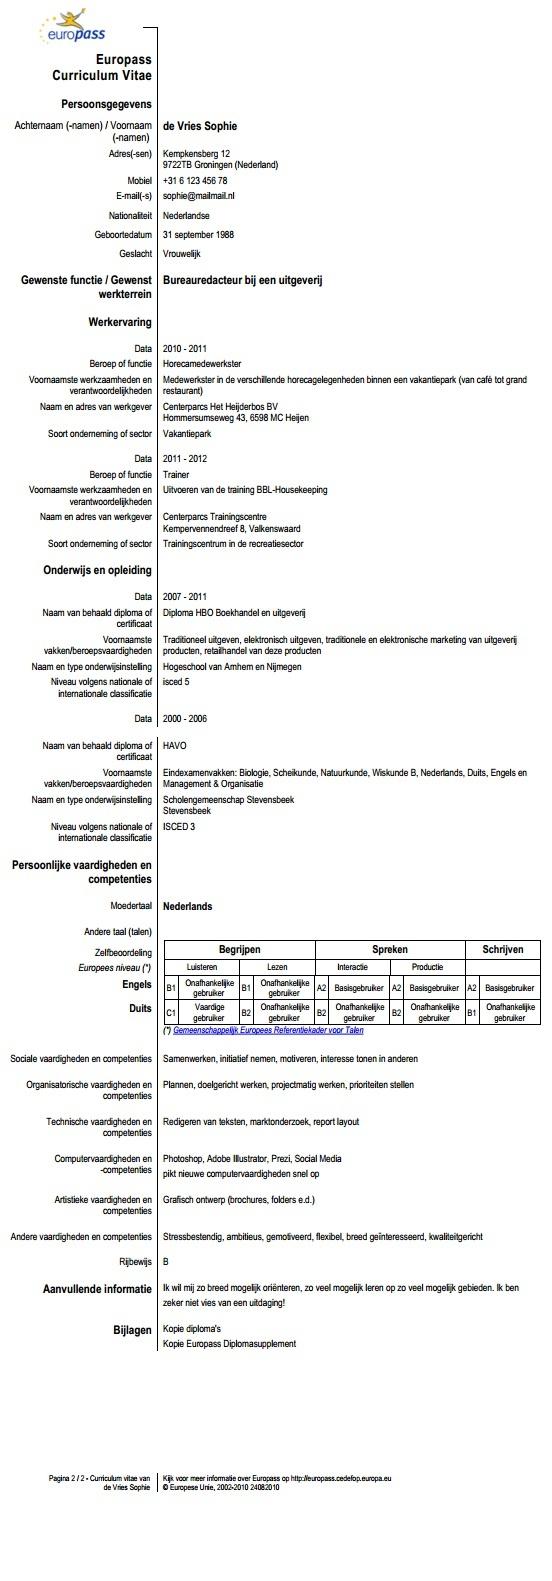 top ideas about europass cv template cv het europass cv is een initiatief van de europese commissie om de transparantie van een werknemer